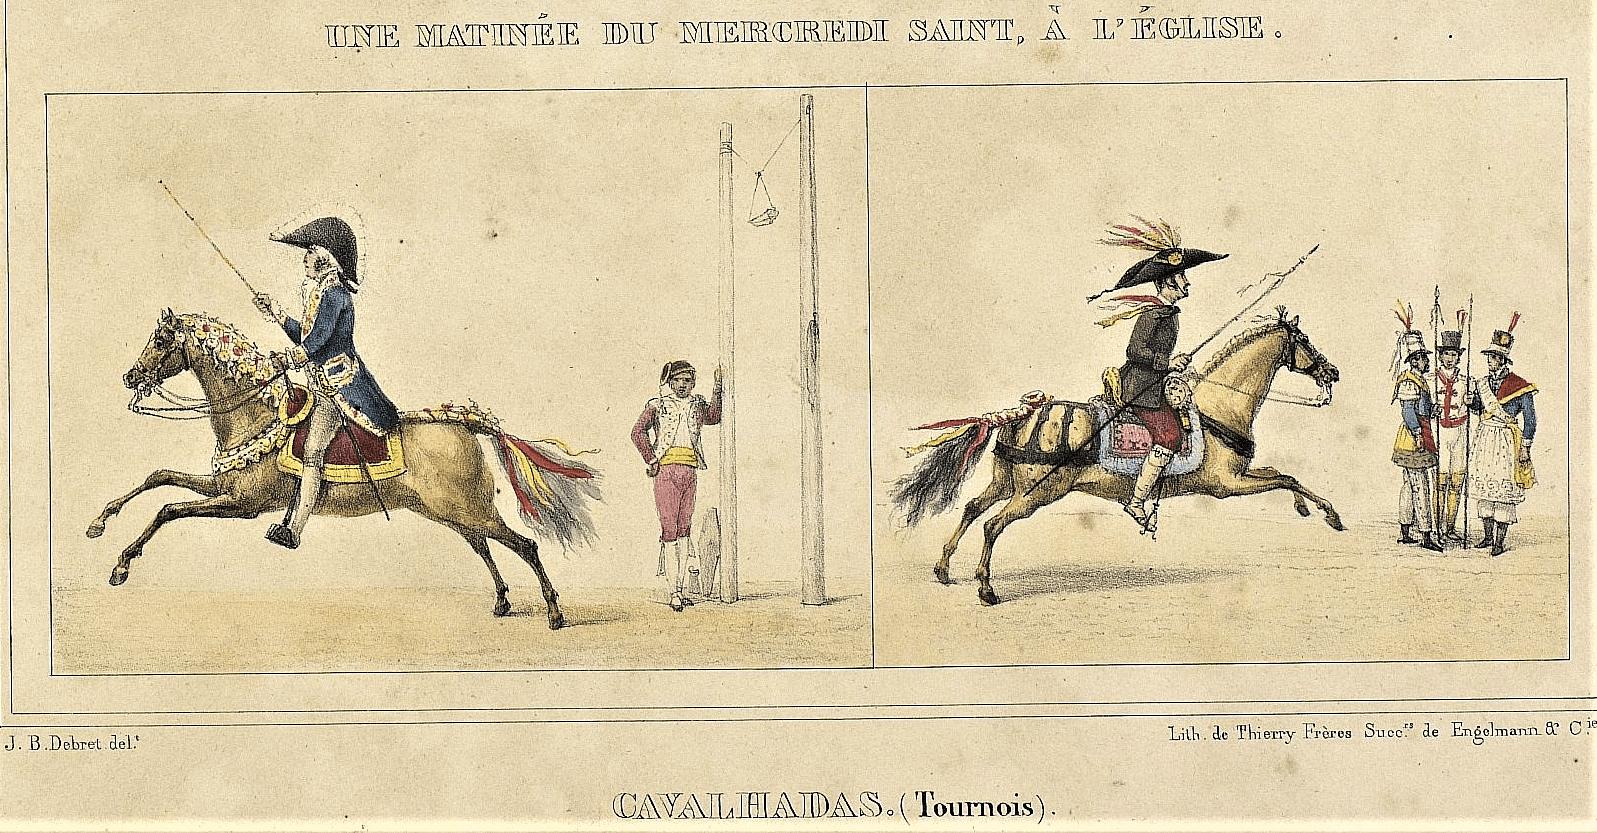 Thierry Freres 1839 Rio de Janeiro. Acervo BN.